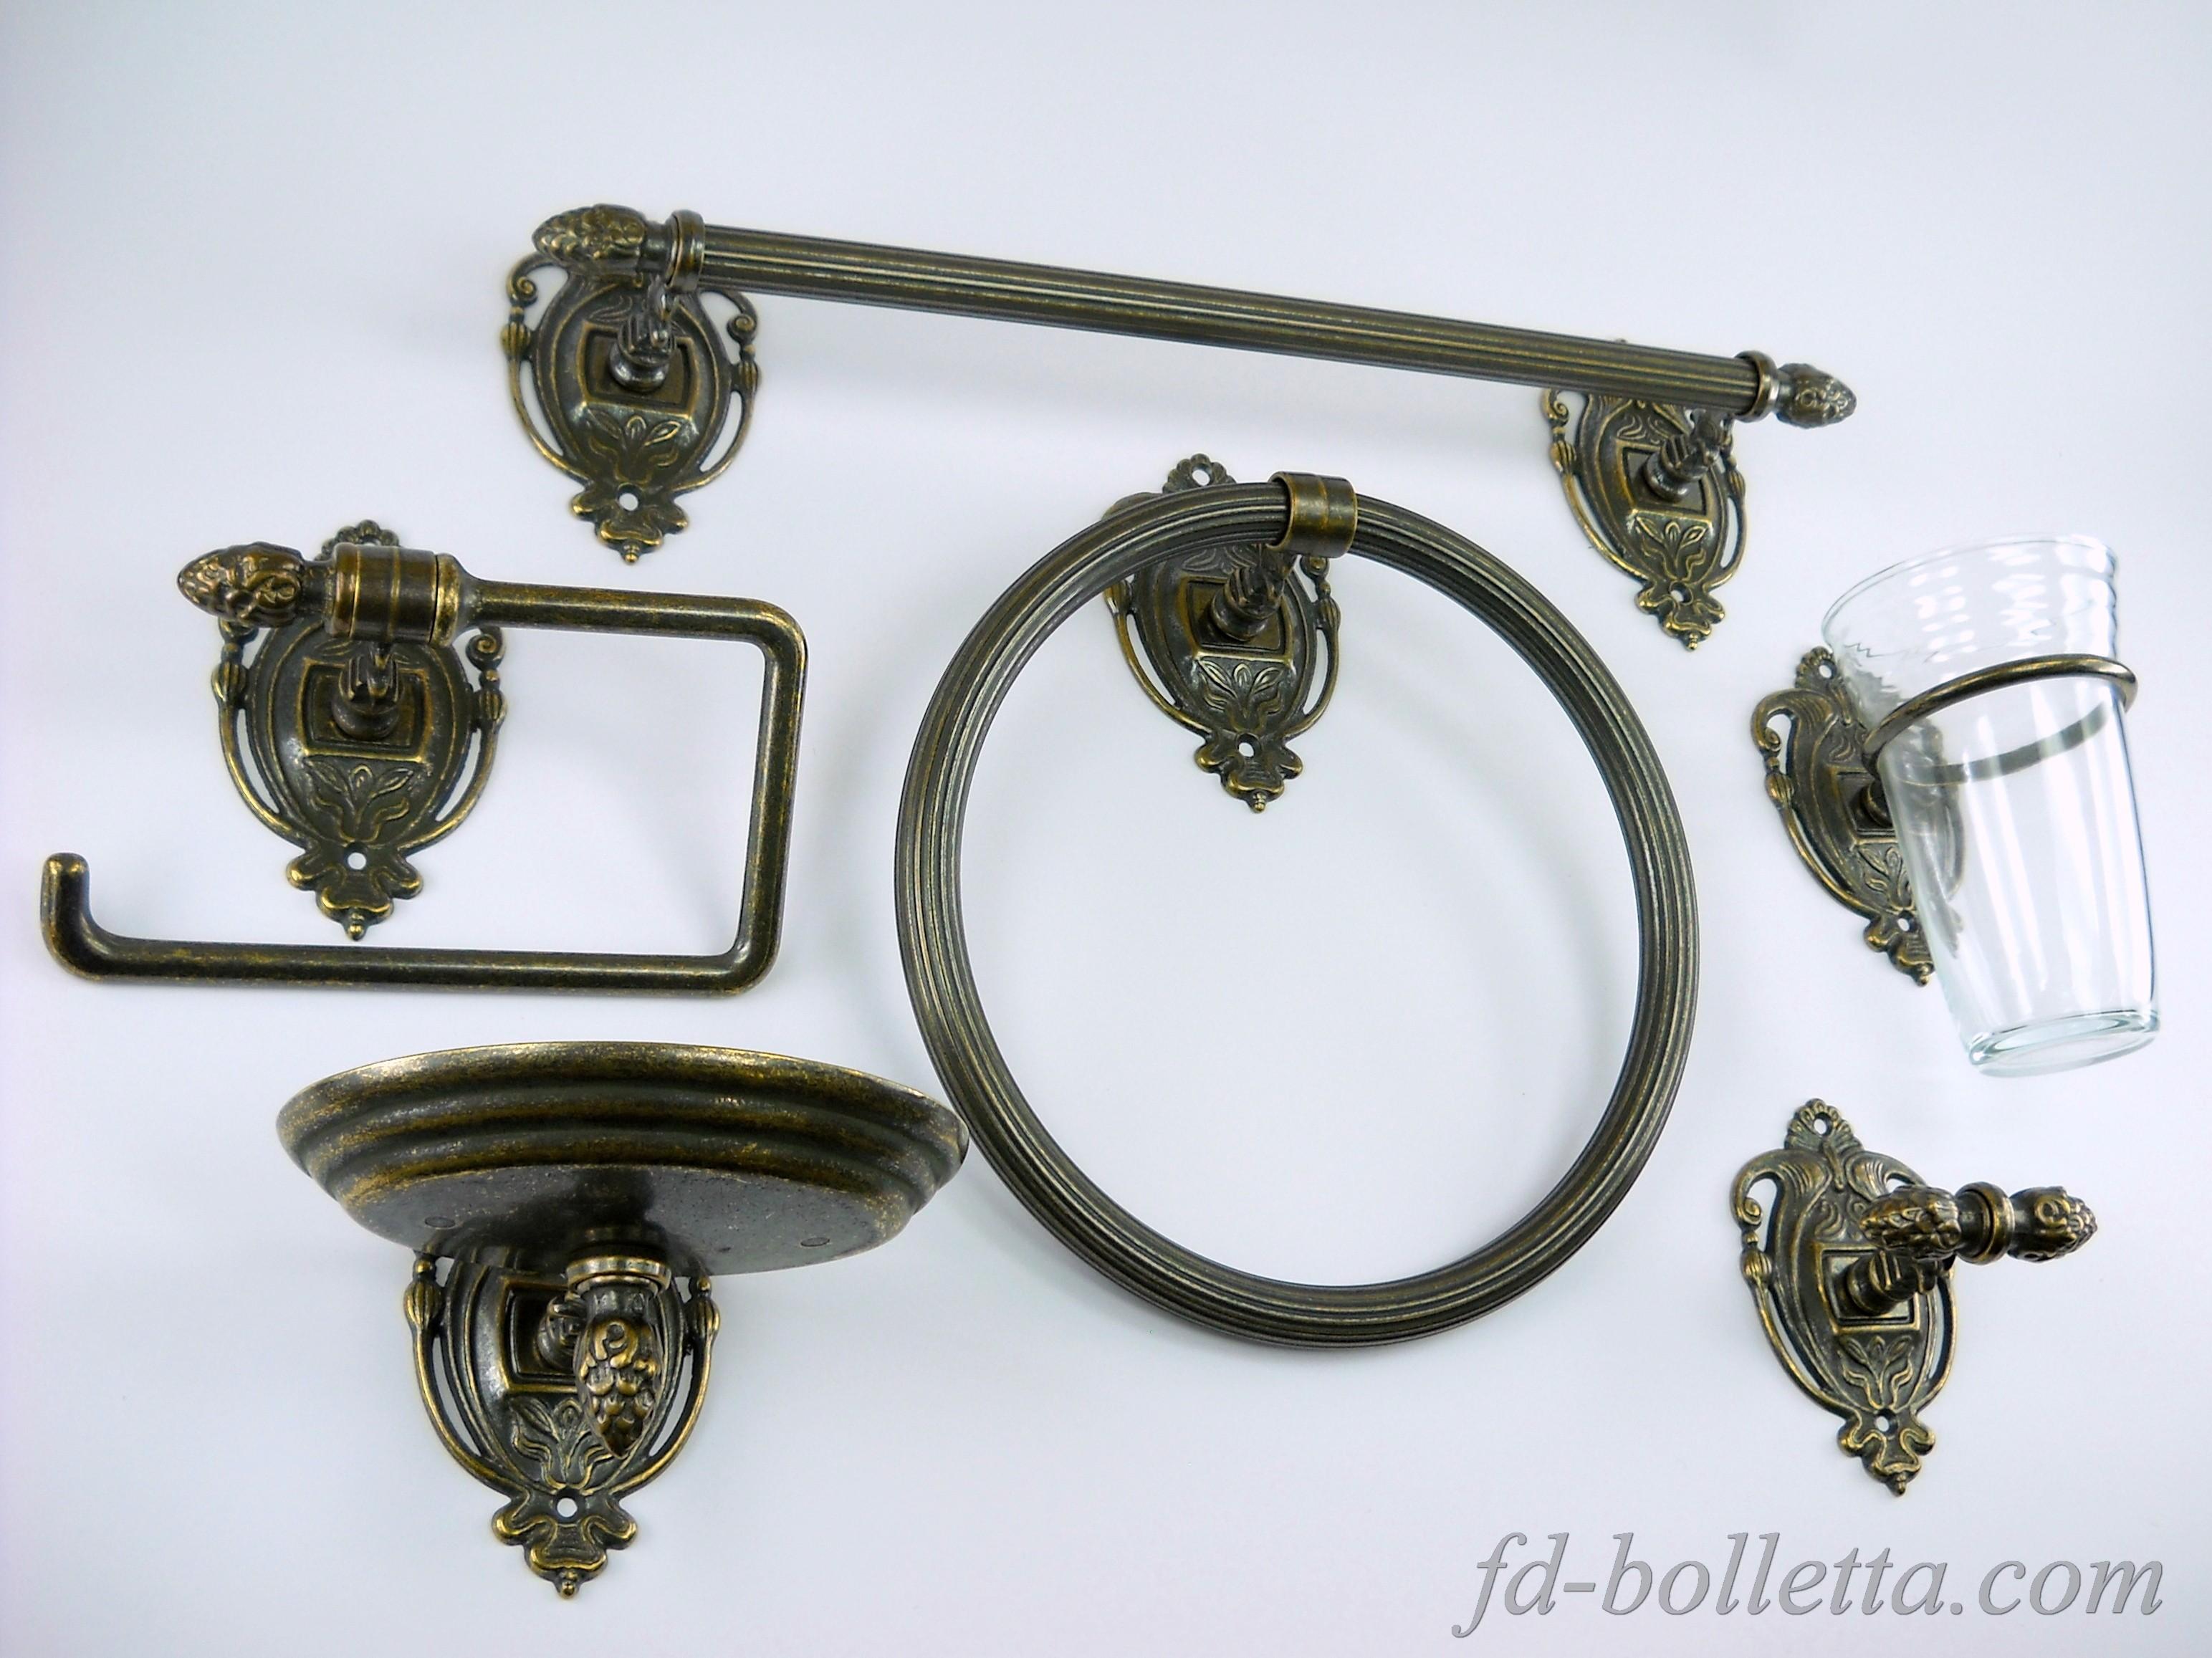 Accessori Bagno Ottone Anticato.Set Da Bagno In Ottone 6 Pz Wc25 Fd Bolletta Lampade